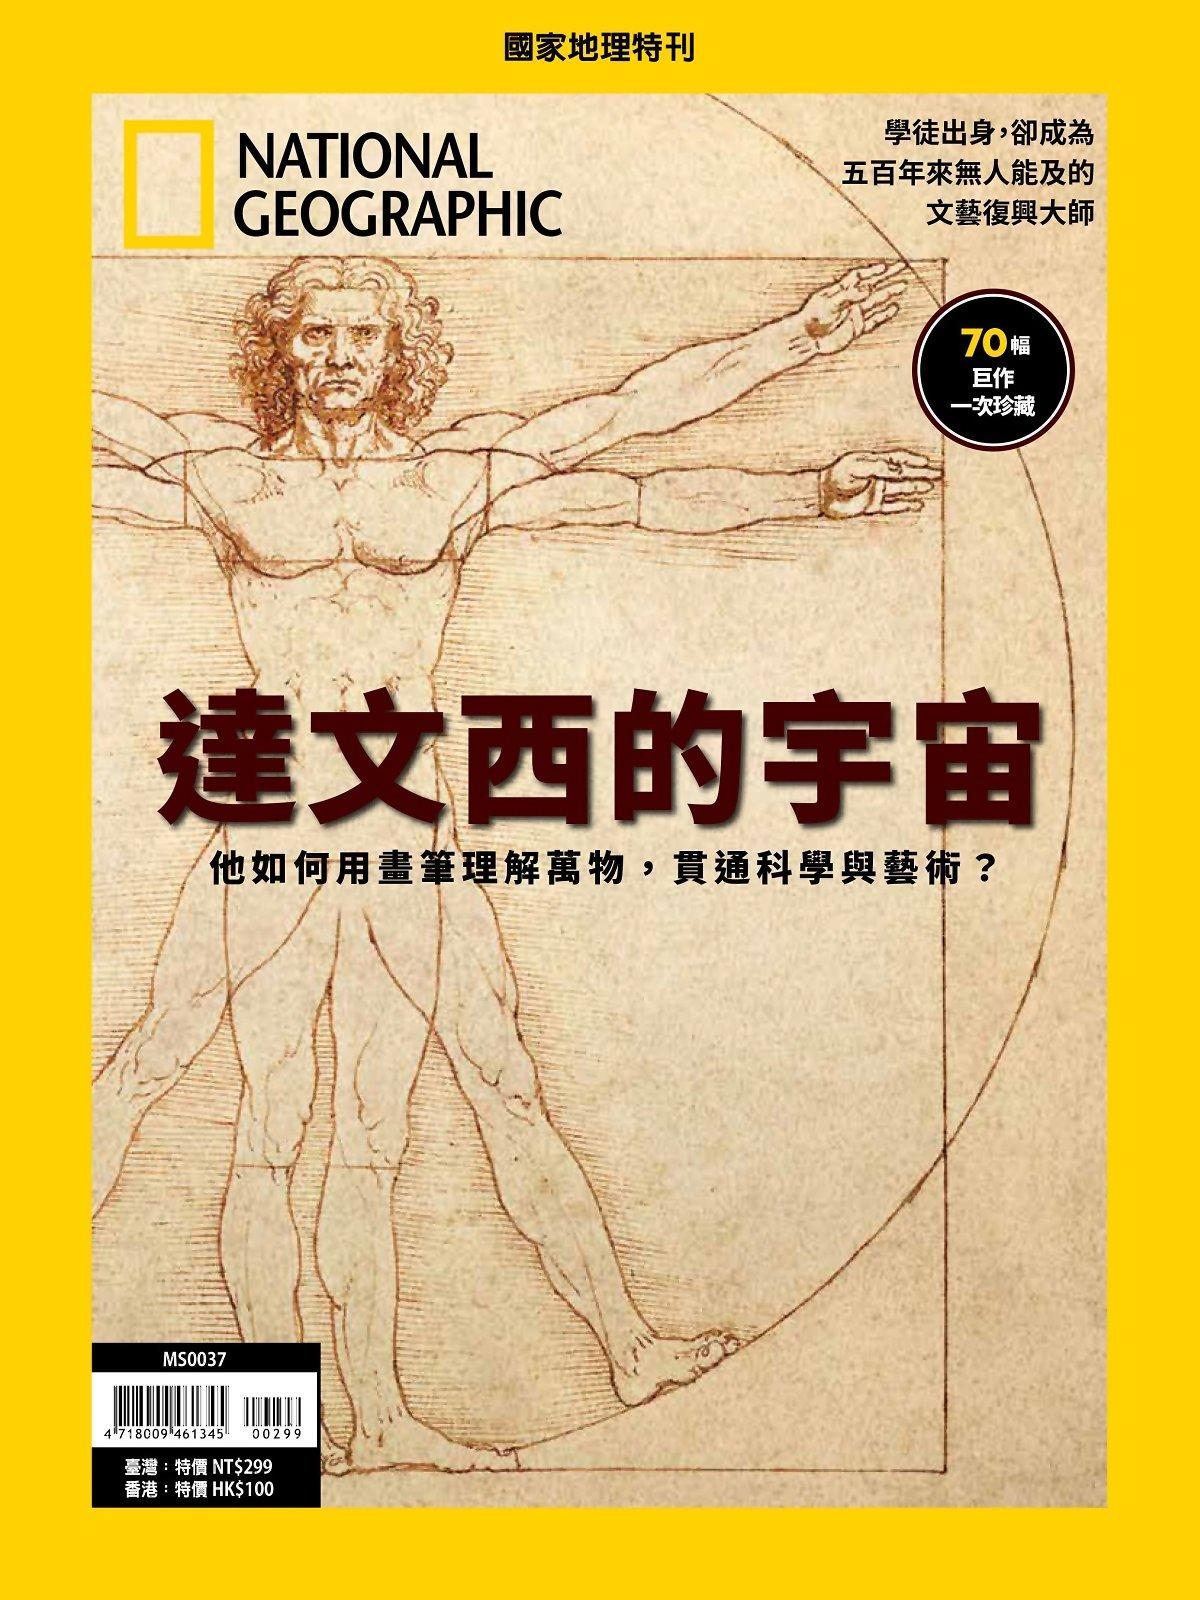 國家地理雜誌中文版 :達文西的宇宙